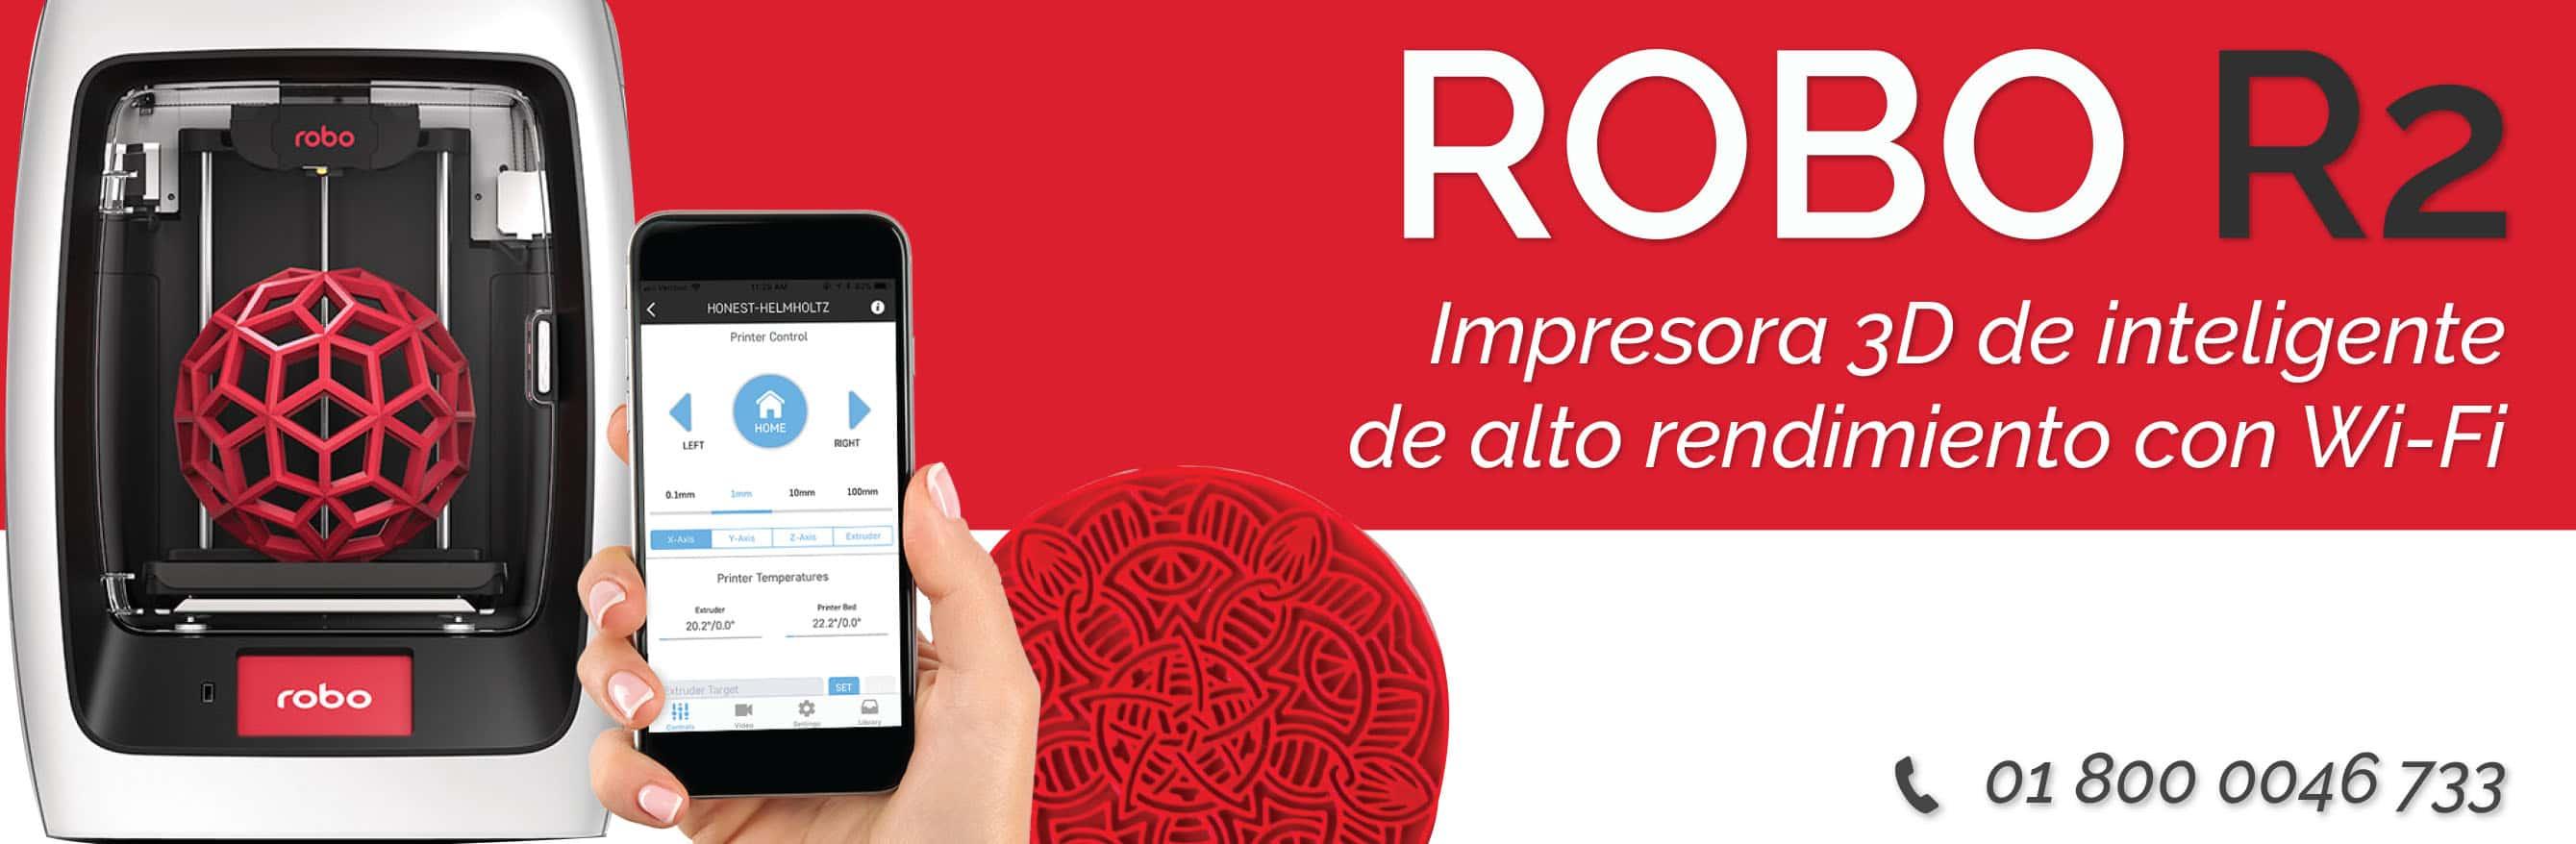 roboR2